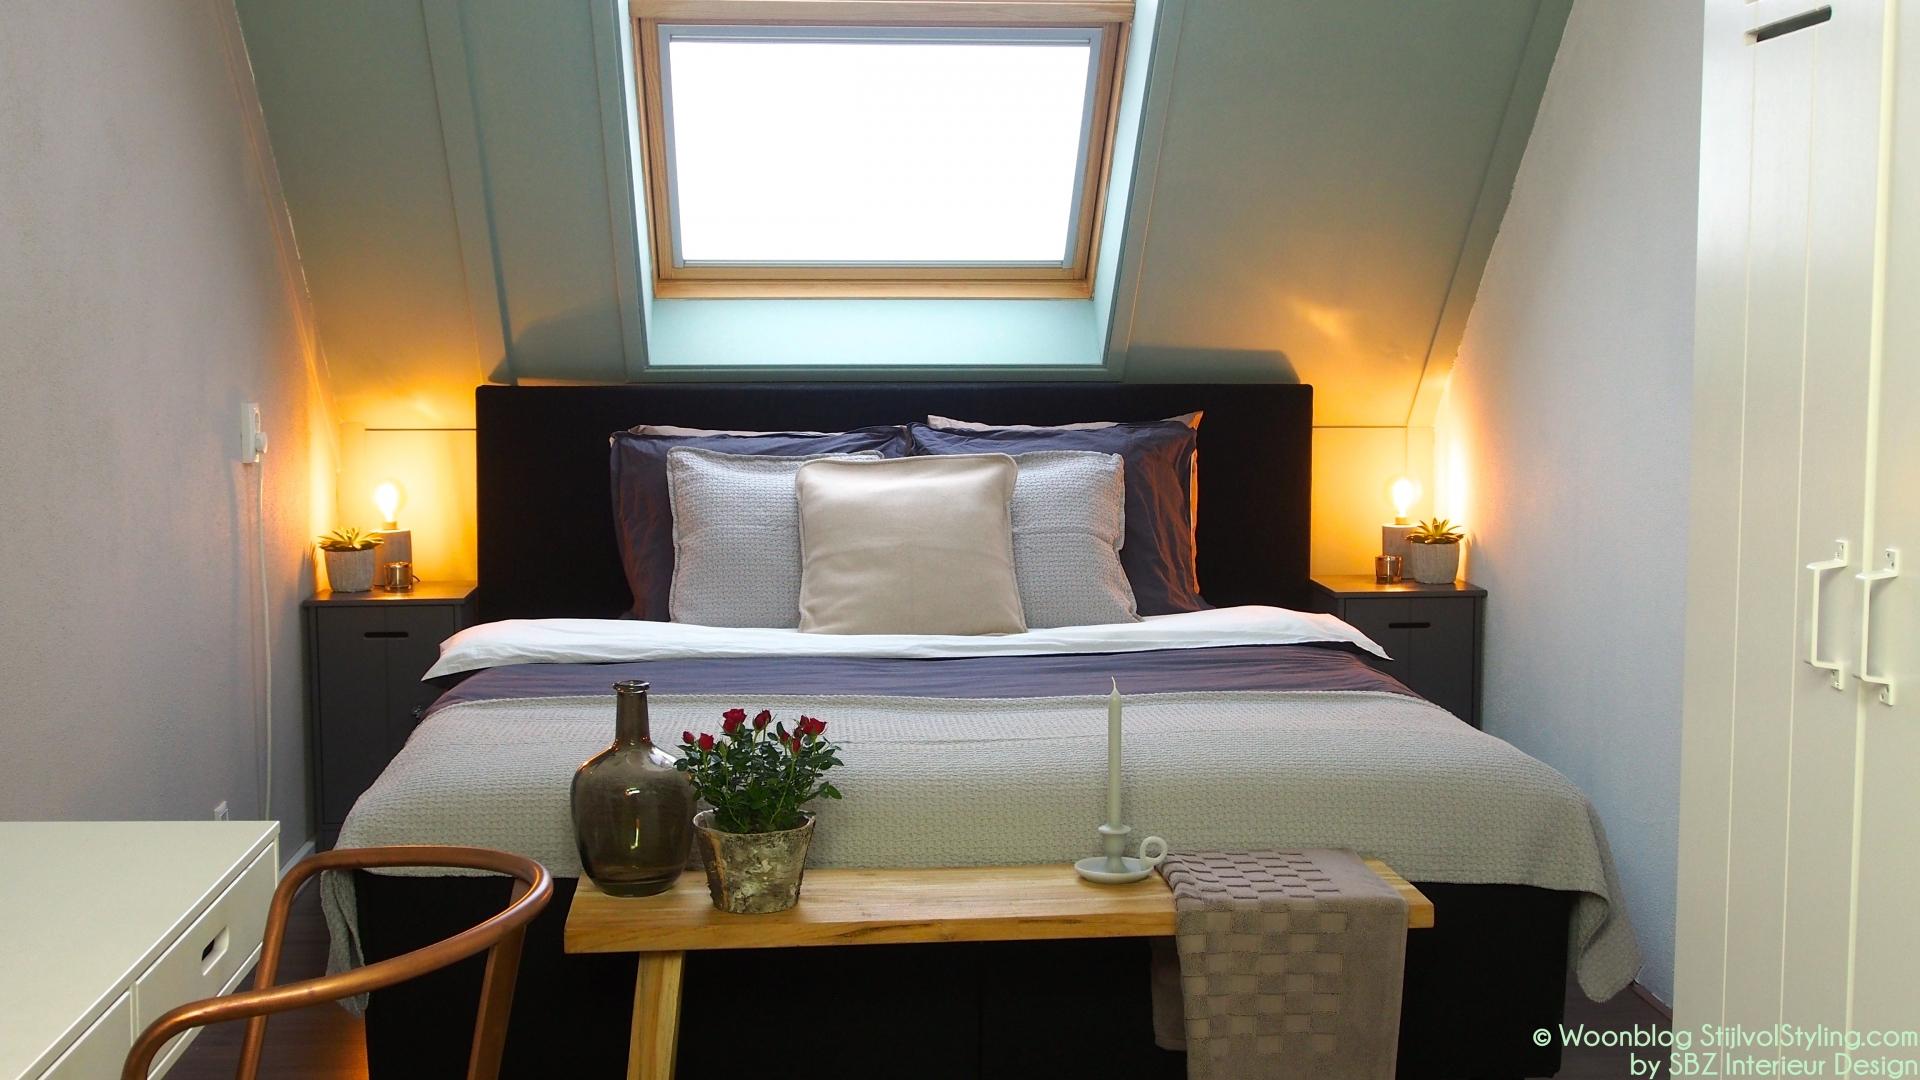 Interieur luxe hotel gevoel in eigen slaapkamer for Je eigen slaapkamer inrichten